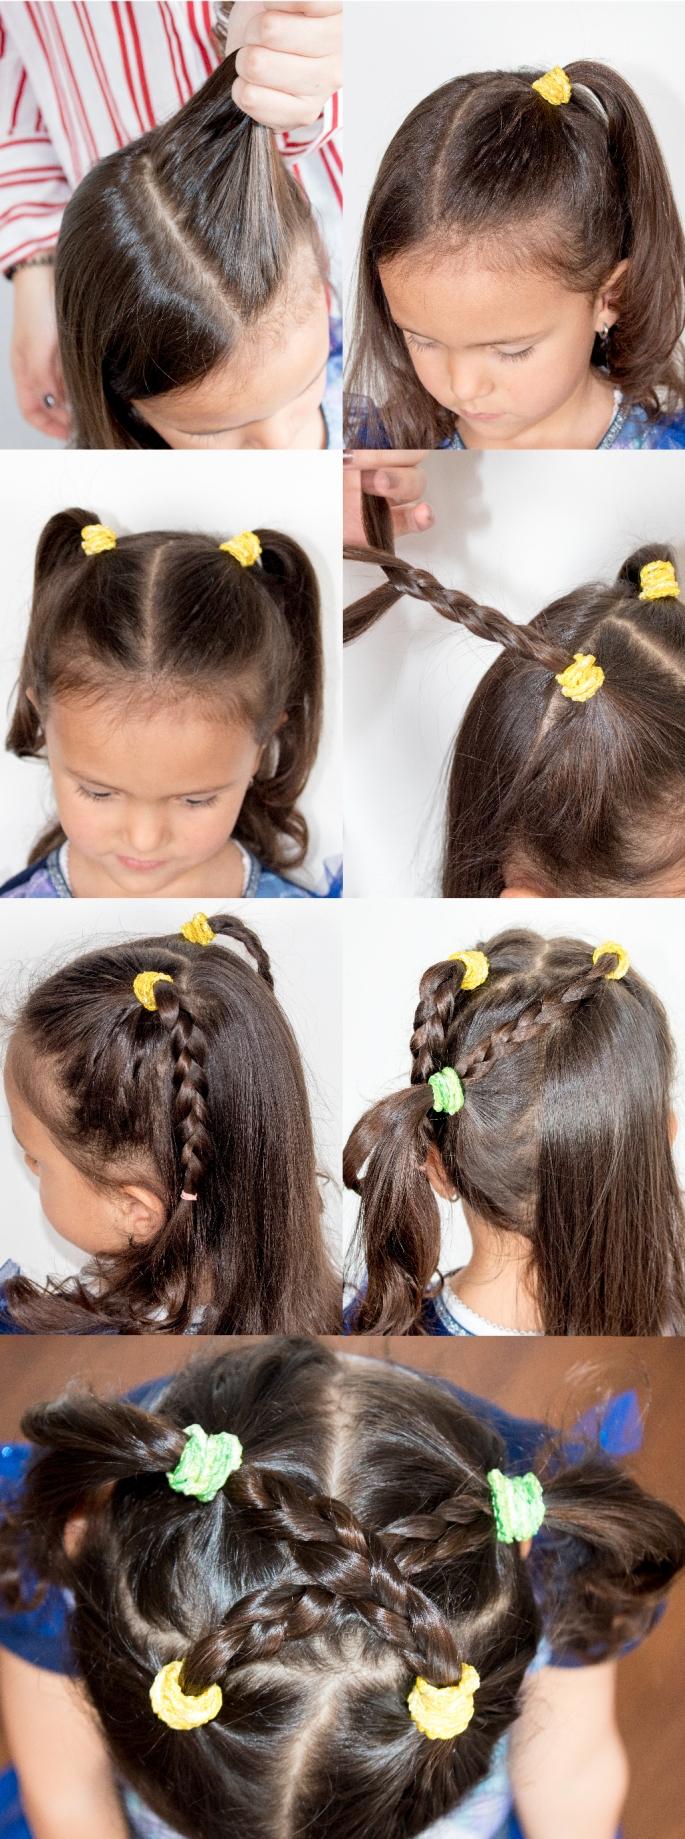 peinados niñas_3.jpg